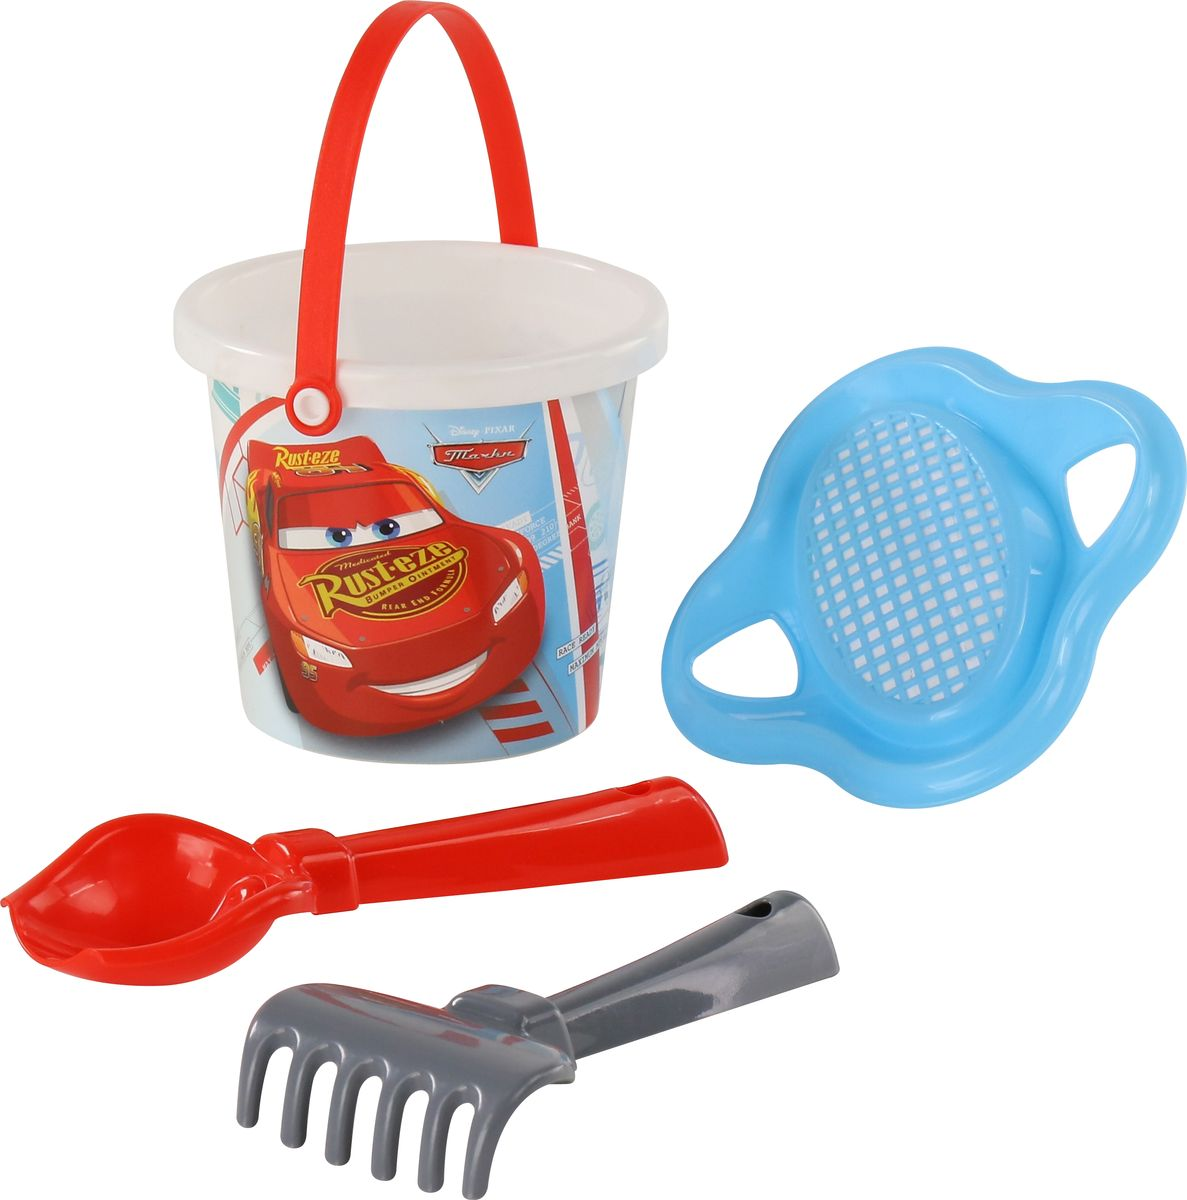 Disney / Pixar Набор игрушек для песочницы Тачки №2 disney pixar набор игрушек для песочницы тачки 18